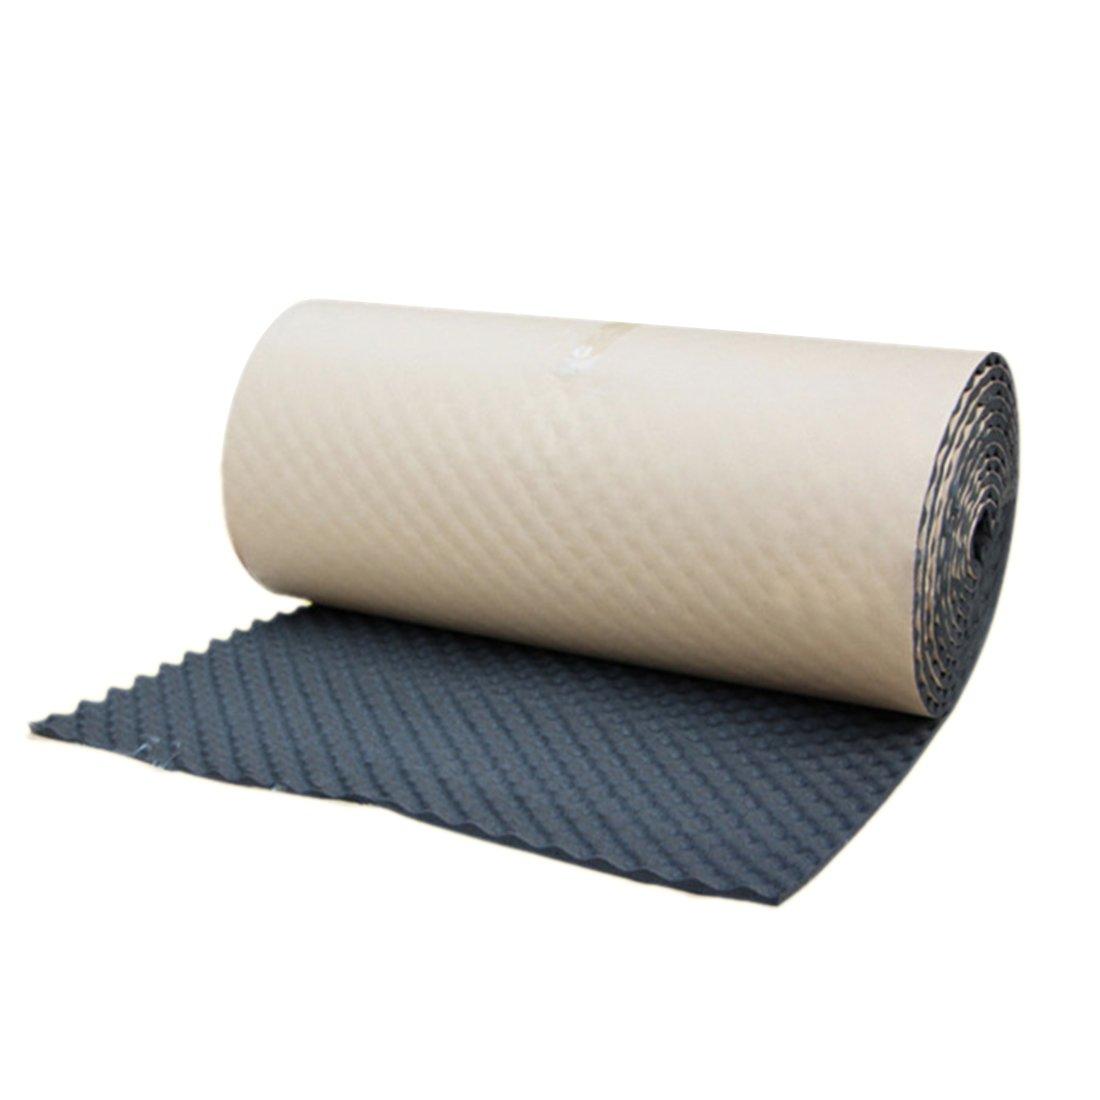 uxcell Wave Studio Sound Acoustic Absorbing Heatproof Foam Deadener 19.7''x197'' 27sqft